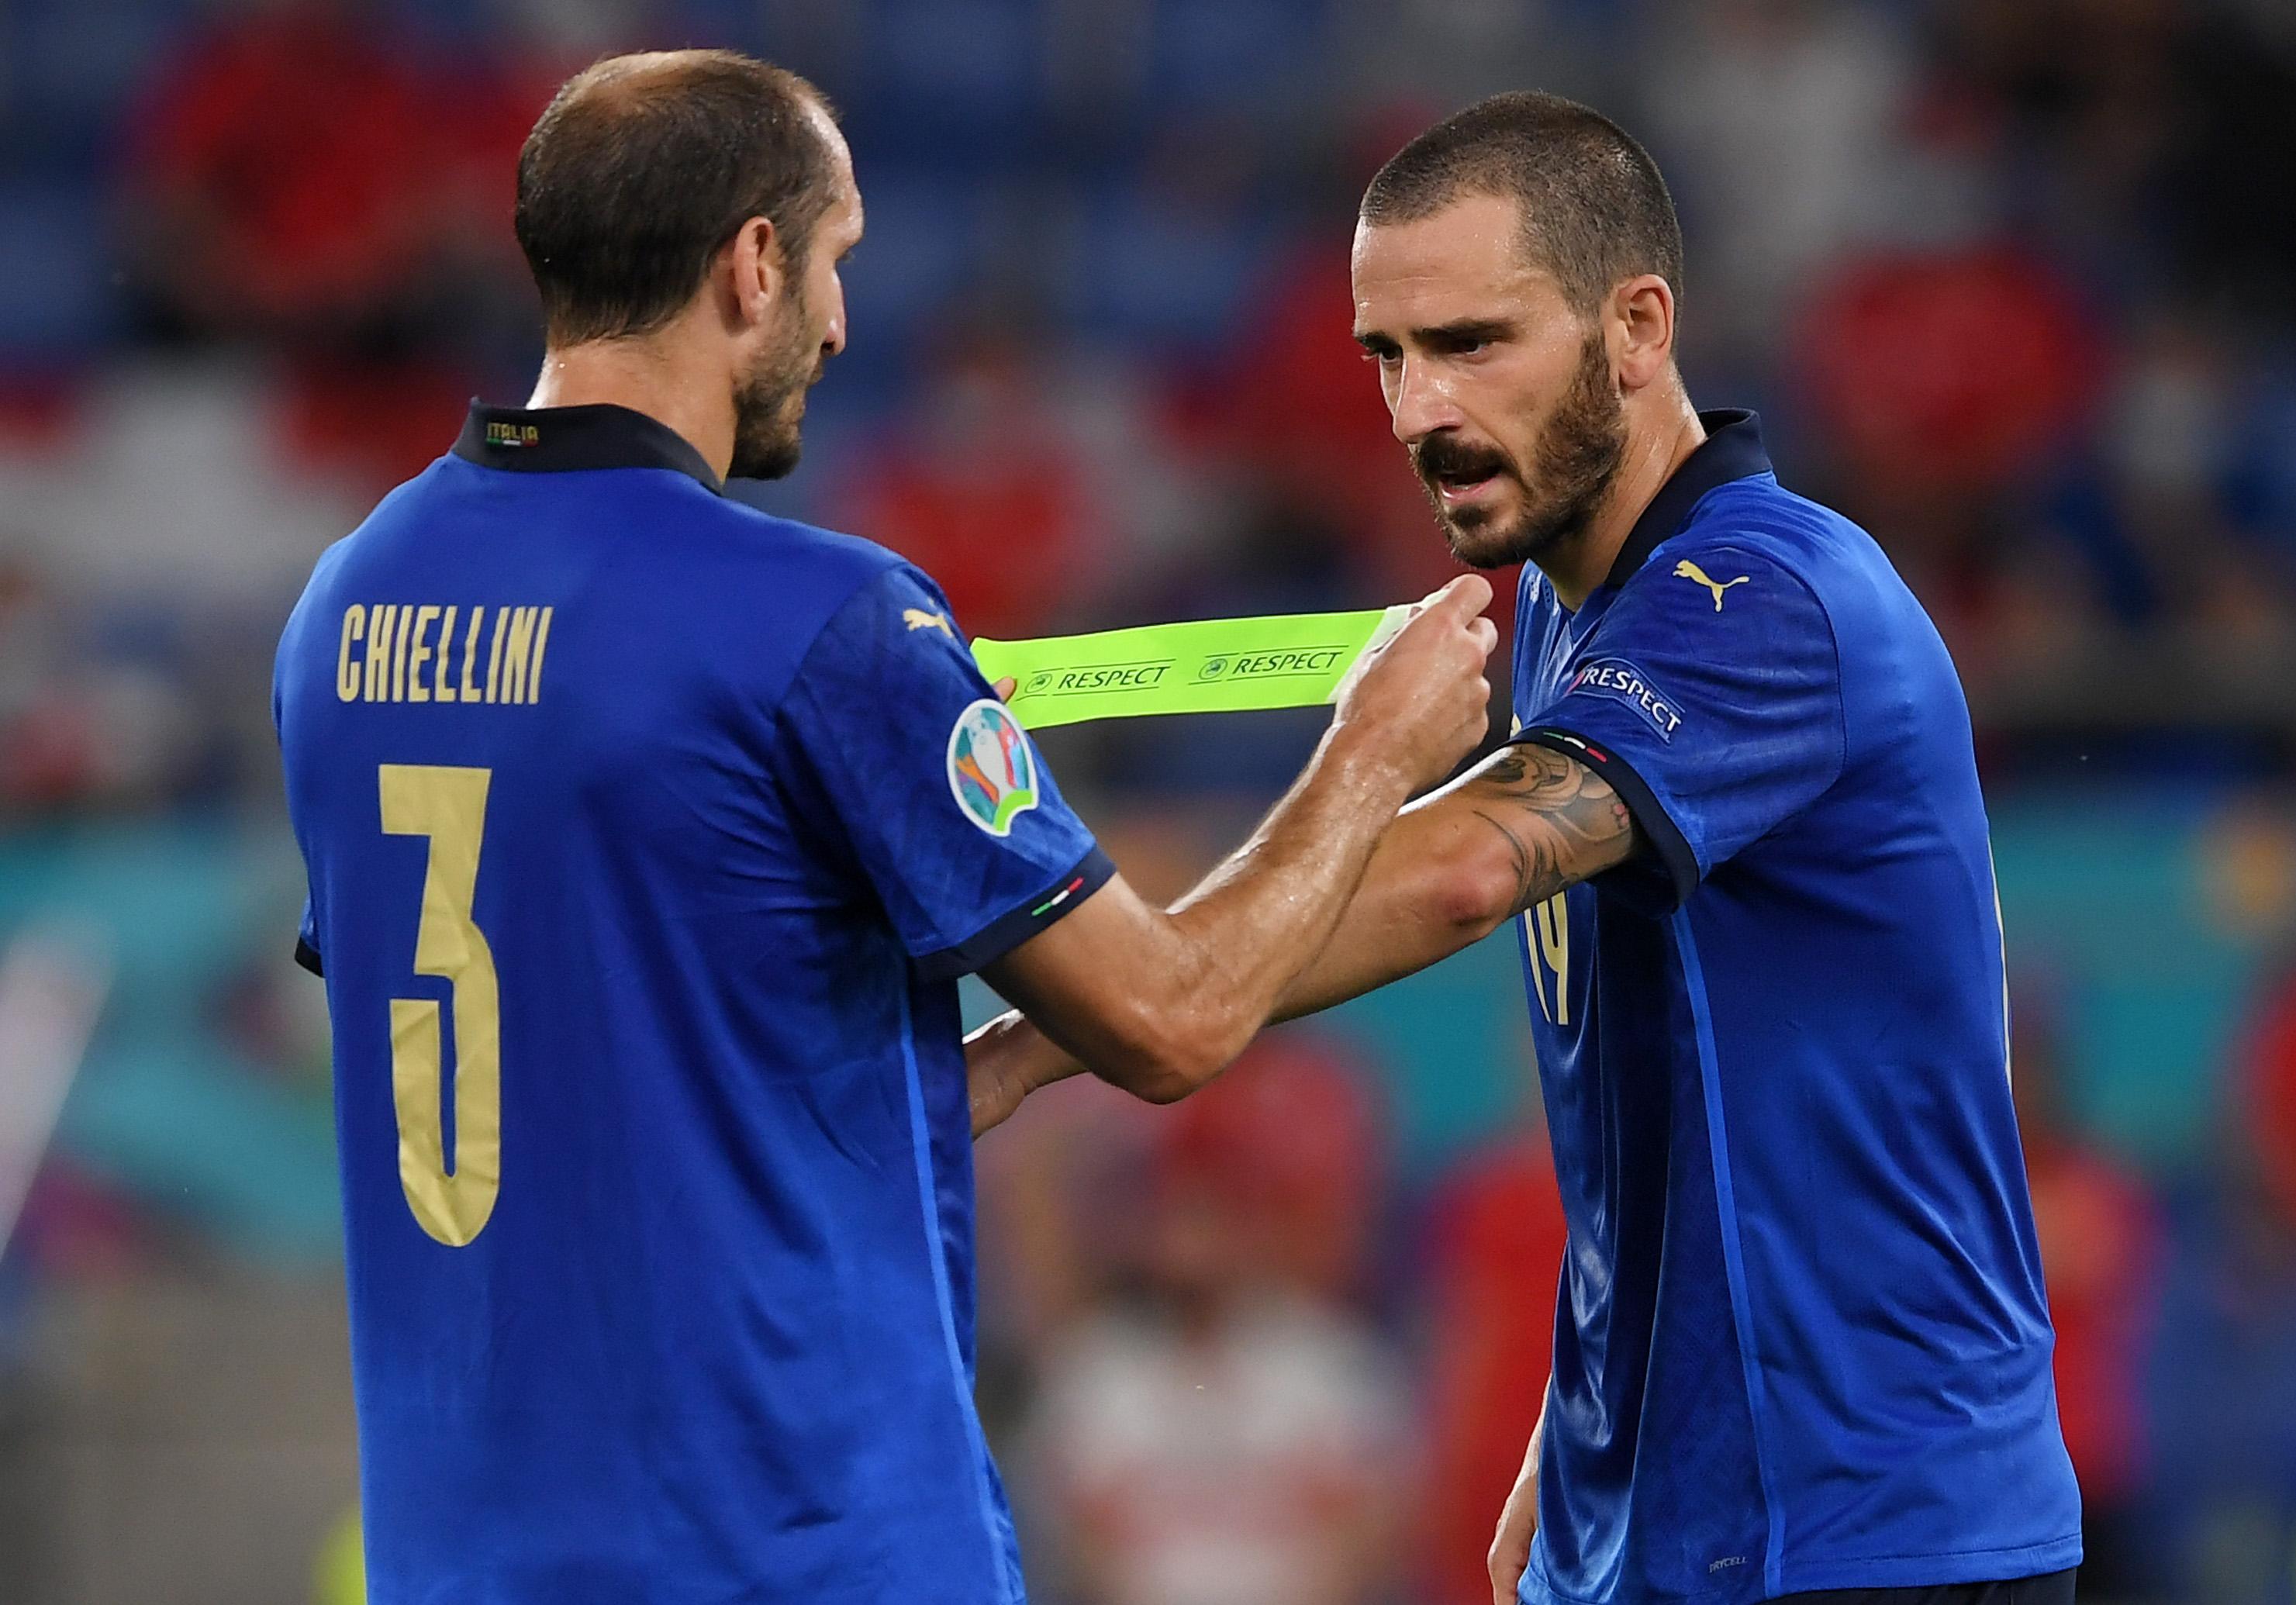 Giorgio Chiellini and Leonardo Bonucci - Italy - UEFA Euro 2020